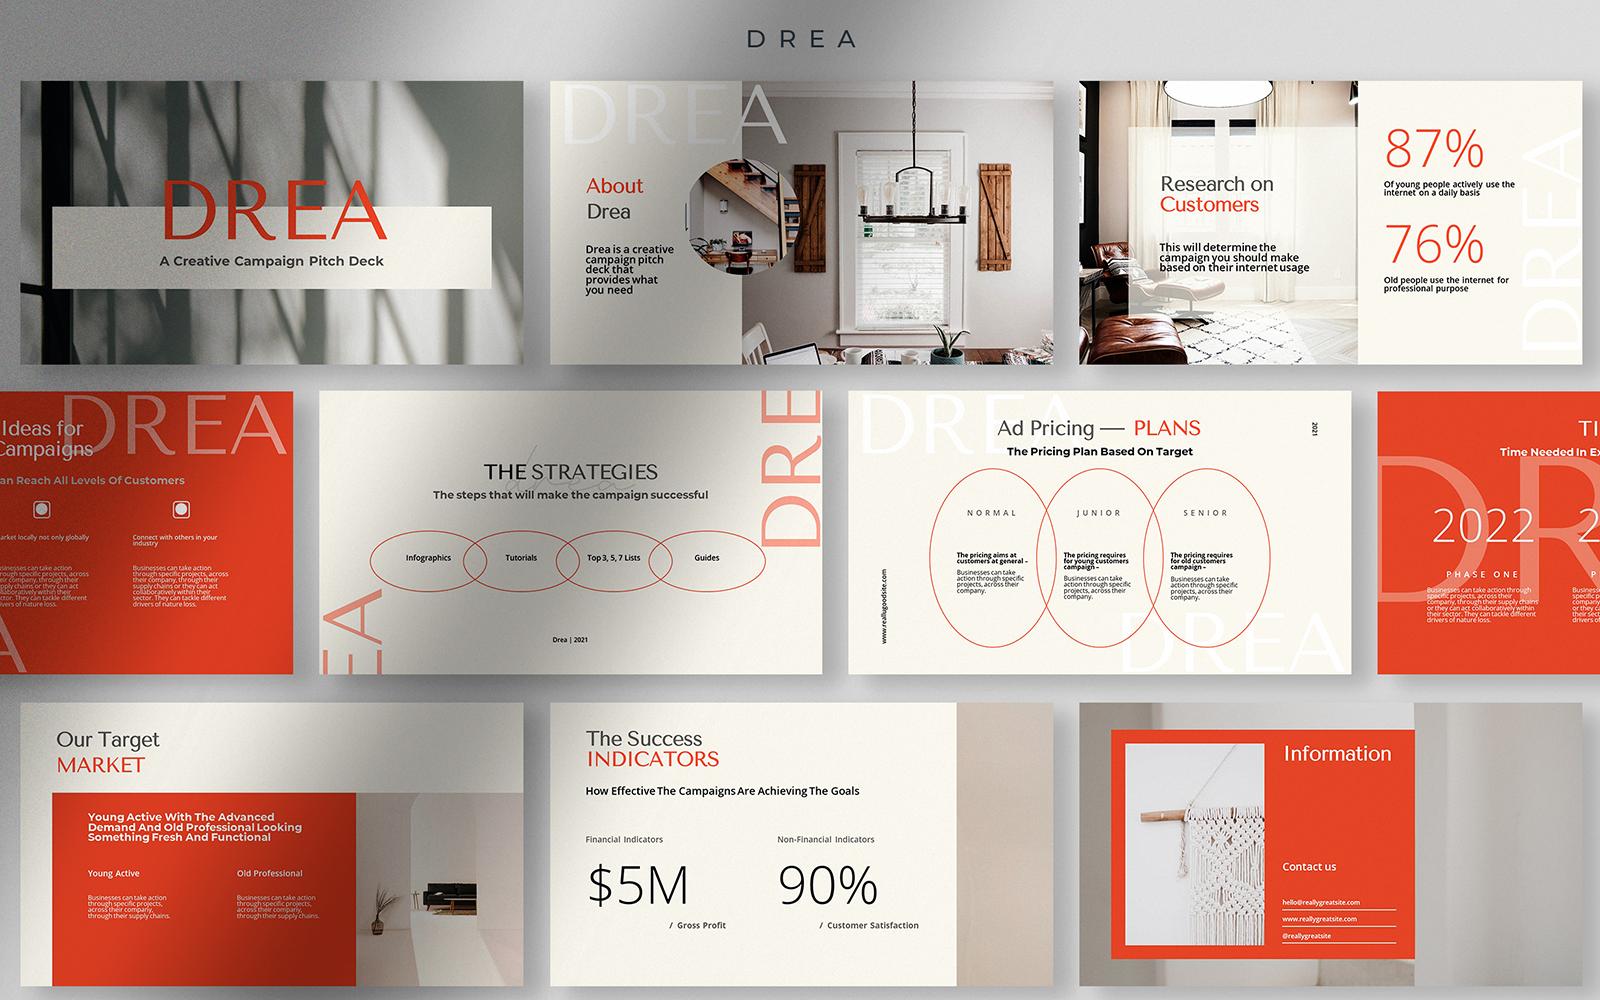 Drea - Orange Squash Creative Campaign Pitch Deck PowerPoint Template